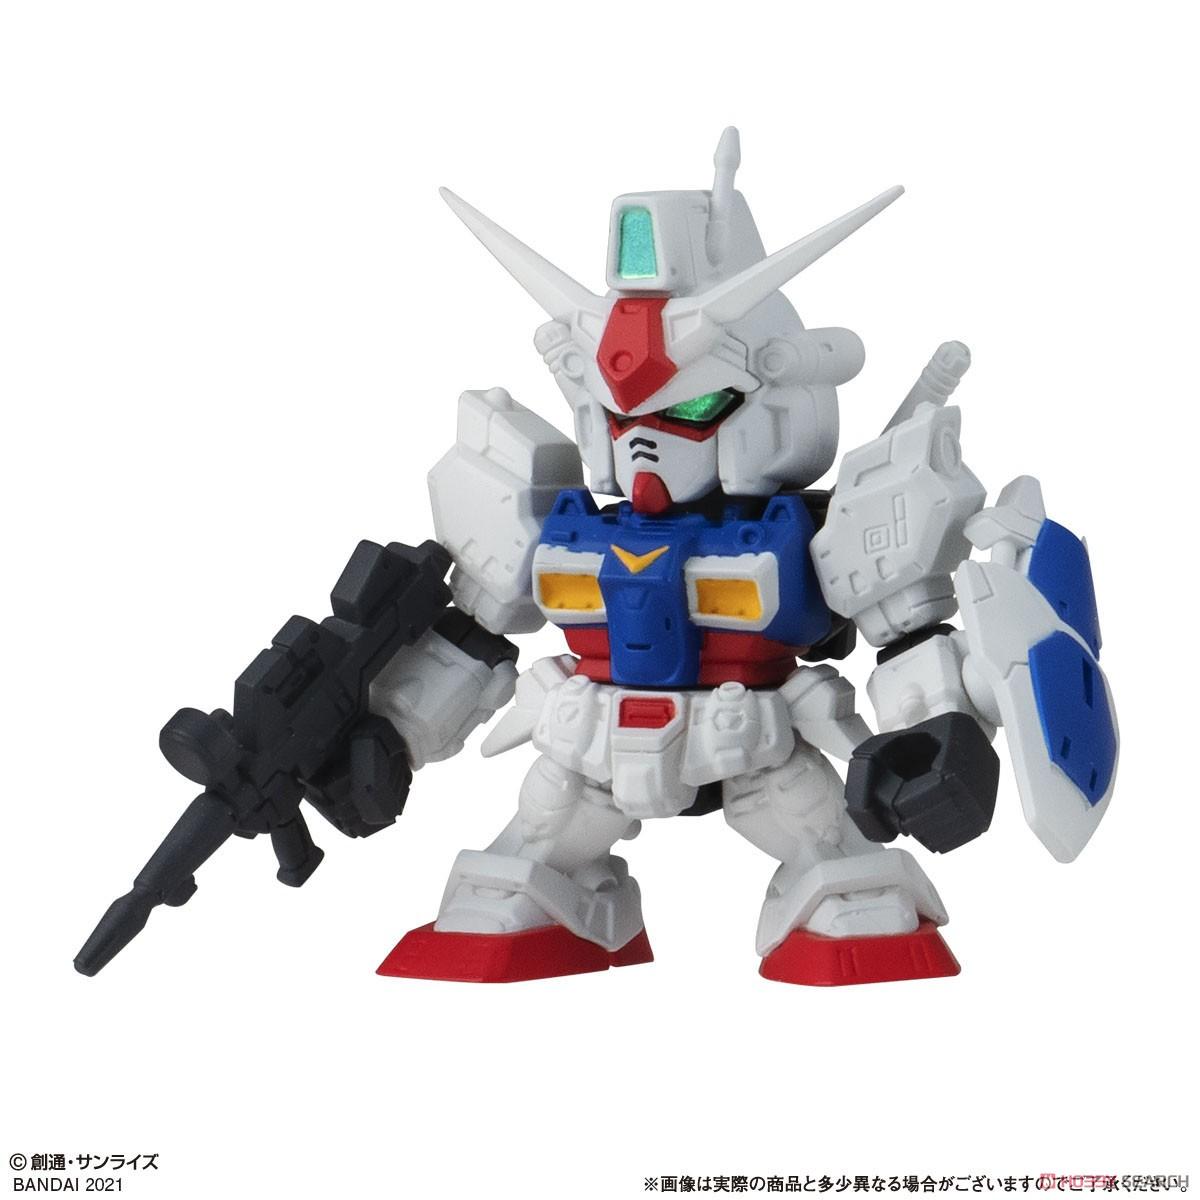 【ガシャポン】機動戦士ガンダム『ガシャポン戦士フォルテ14』12個入りBOX-001